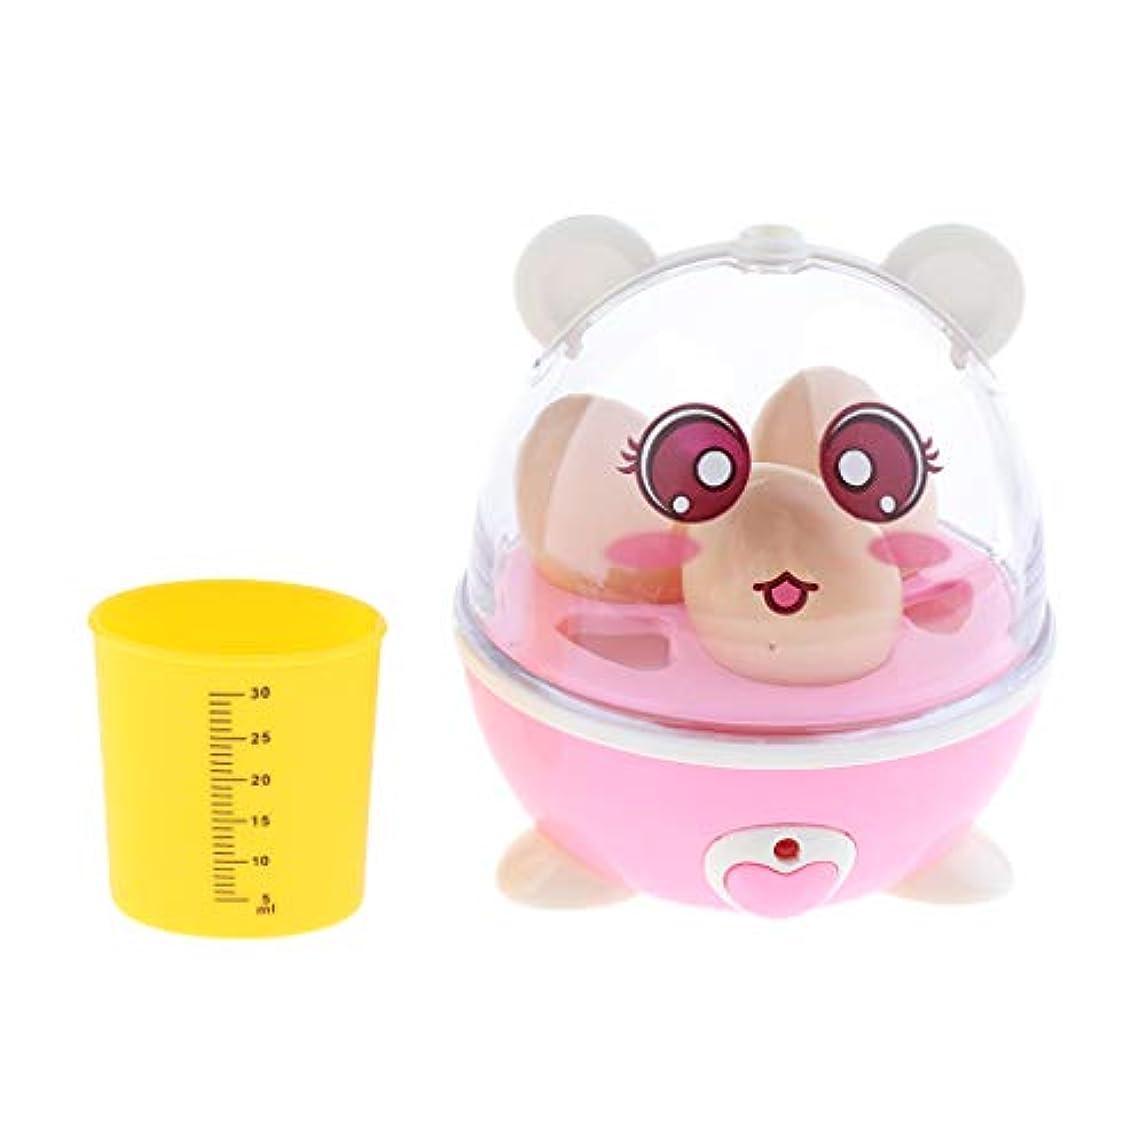 黙認する変成器デンプシー卵蒸し器玩具 子ども 知育玩具 発達玩具 おままごと おもちゃ